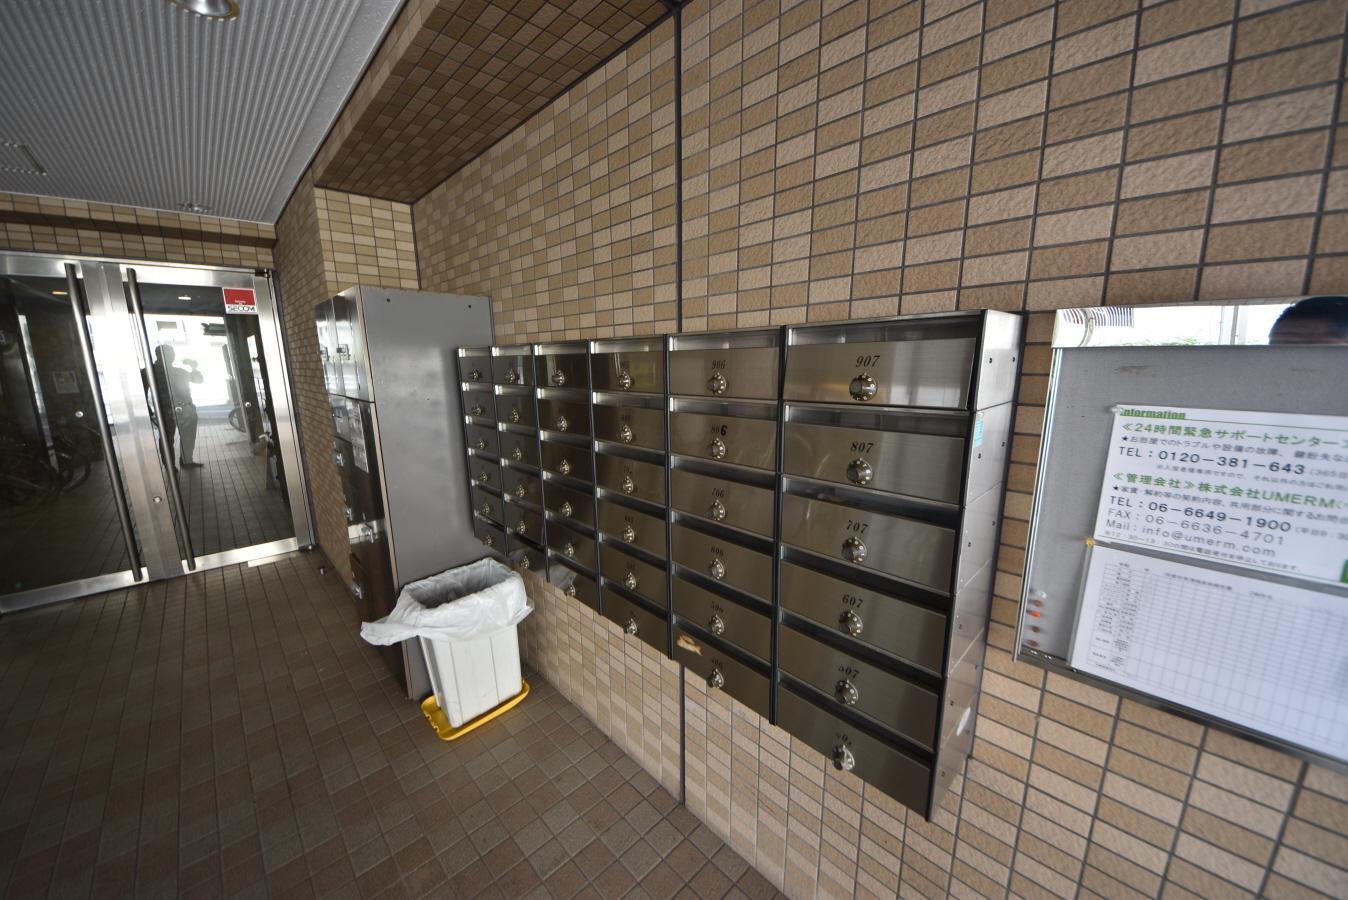 物件番号: 1025884152 マリンシティ三宮  神戸市中央区御幸通2丁目 1K マンション 画像29